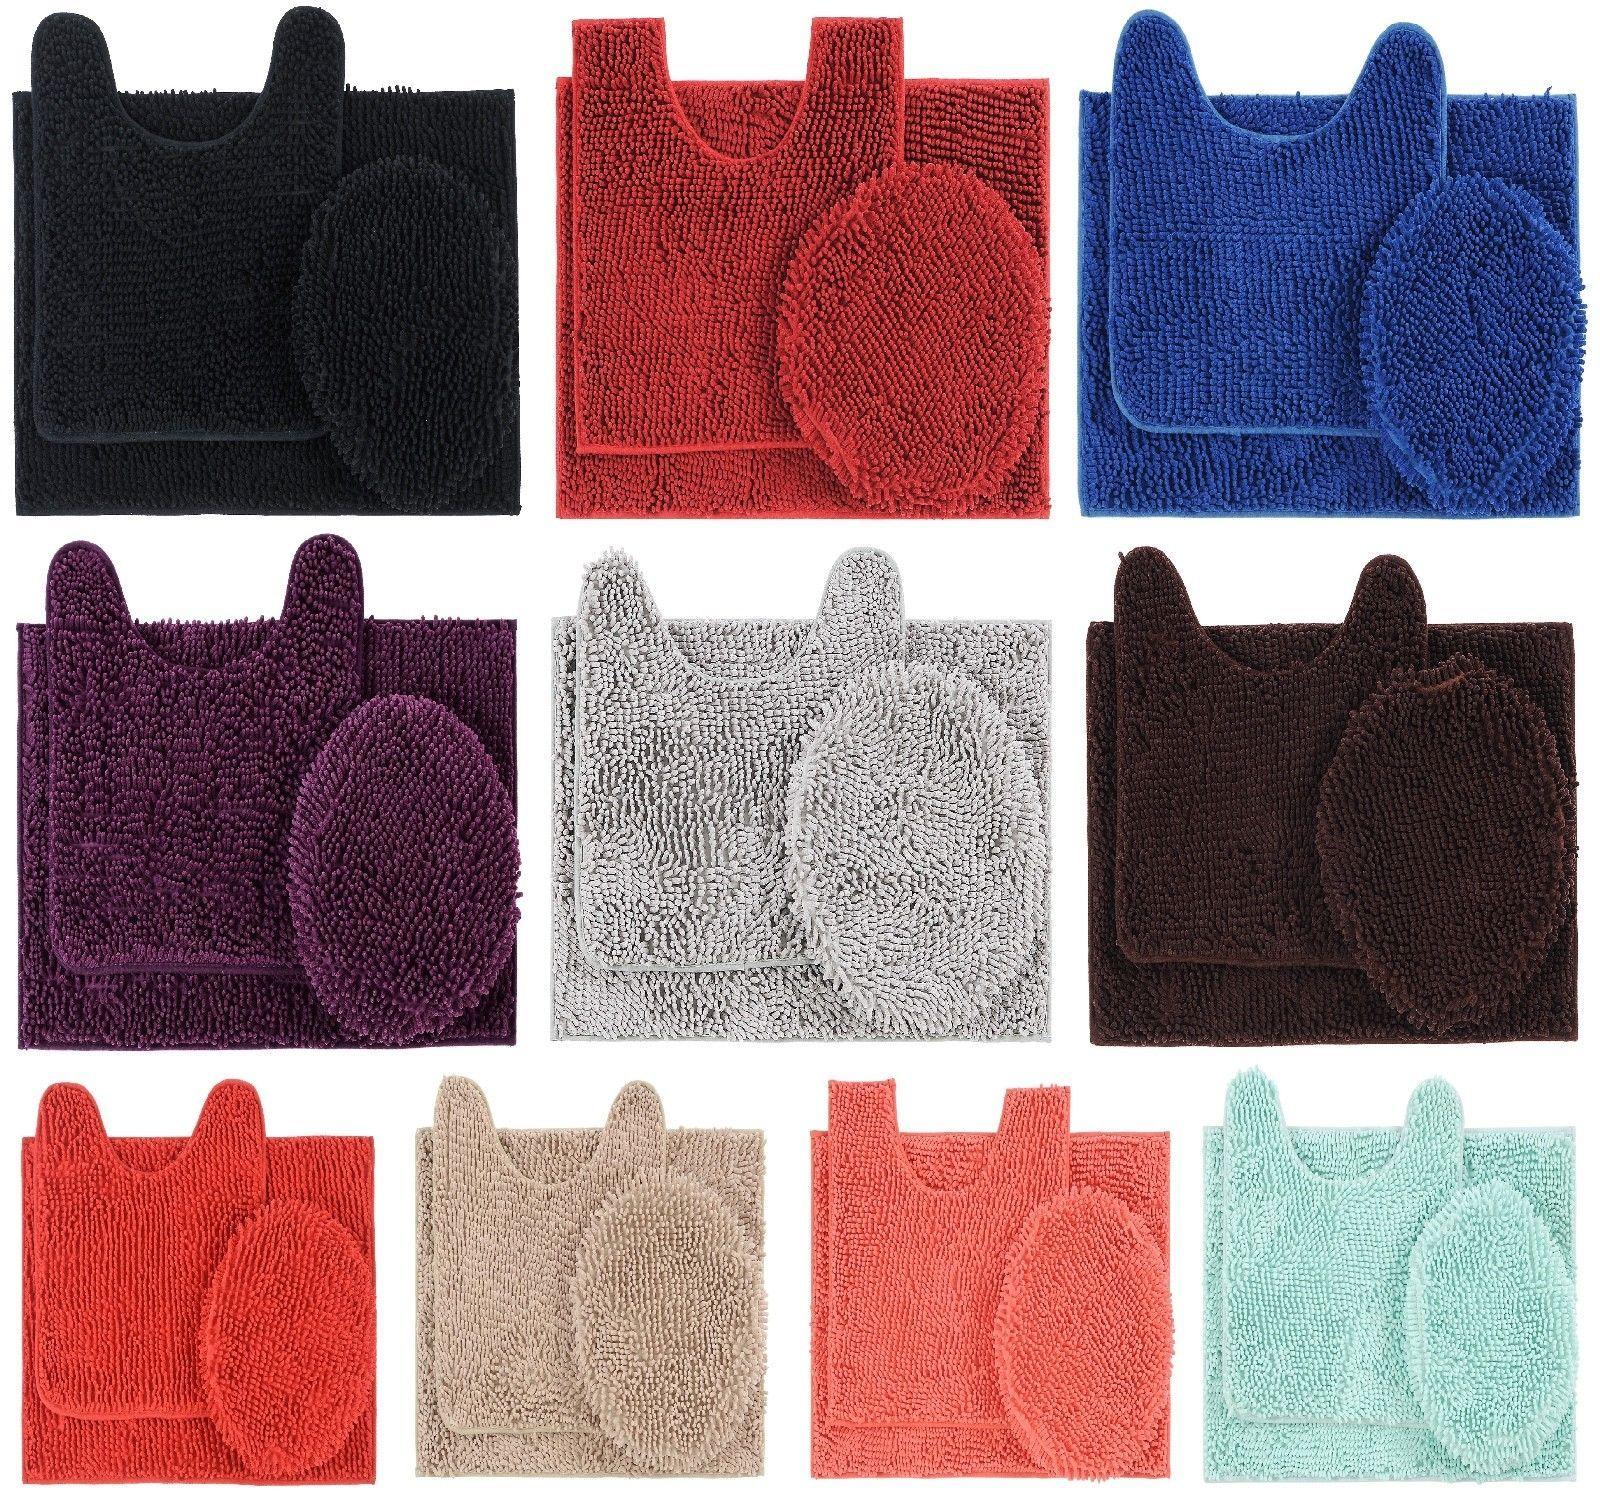 Details About 3 Piece Shaggy Chenille Bathroom Rug Set Bath Mat Contour Rug Toilet Lid Bathroom Rug Sets Contour Rug Chenille Bathroom Rugs